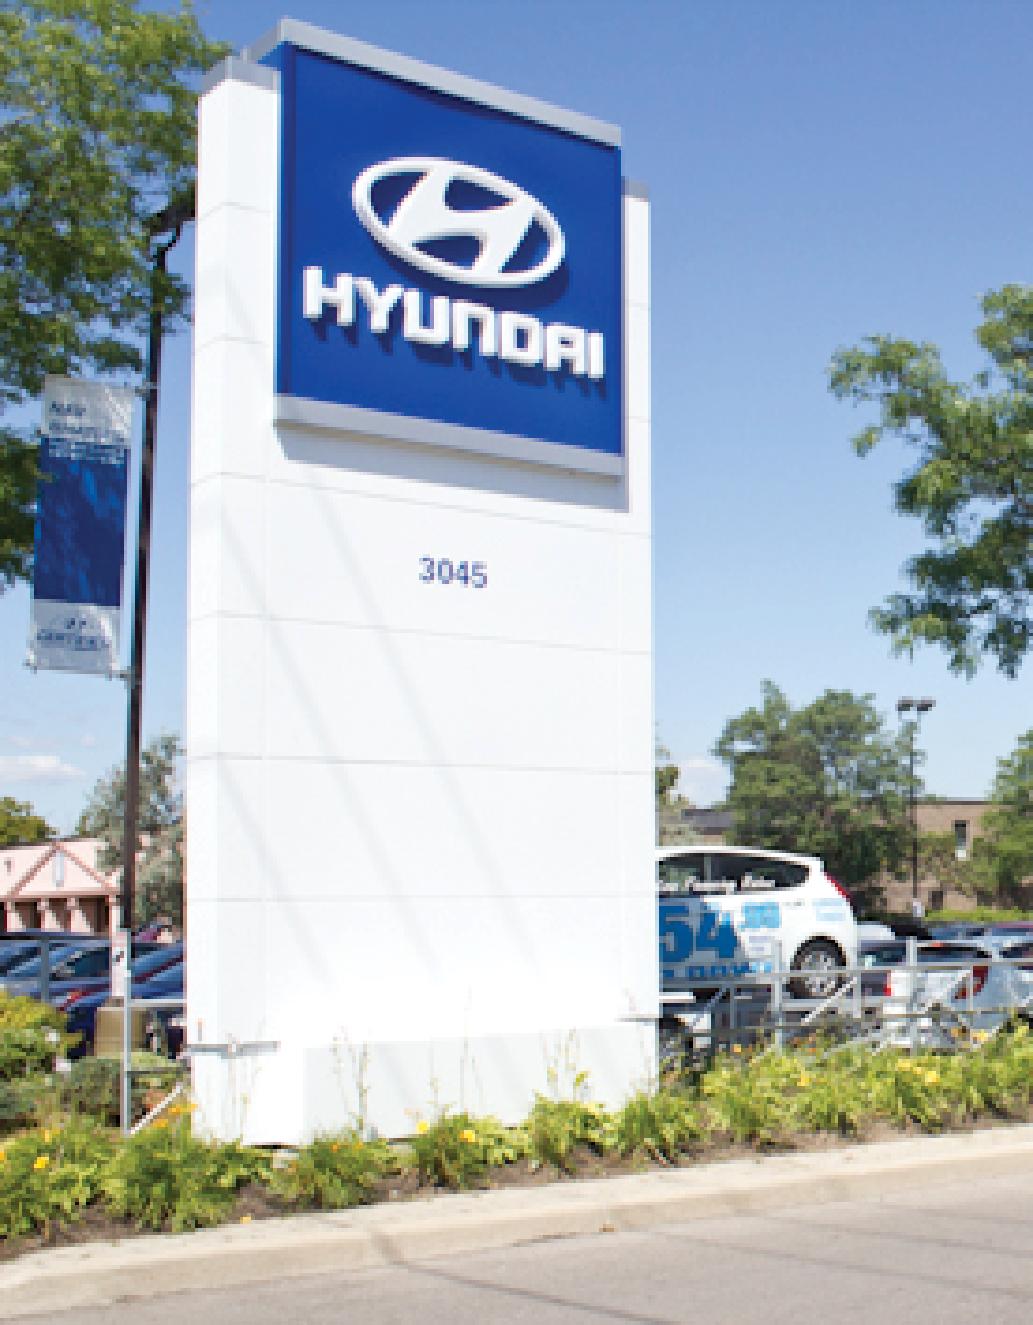 Mississauga_Hyundai_912307953